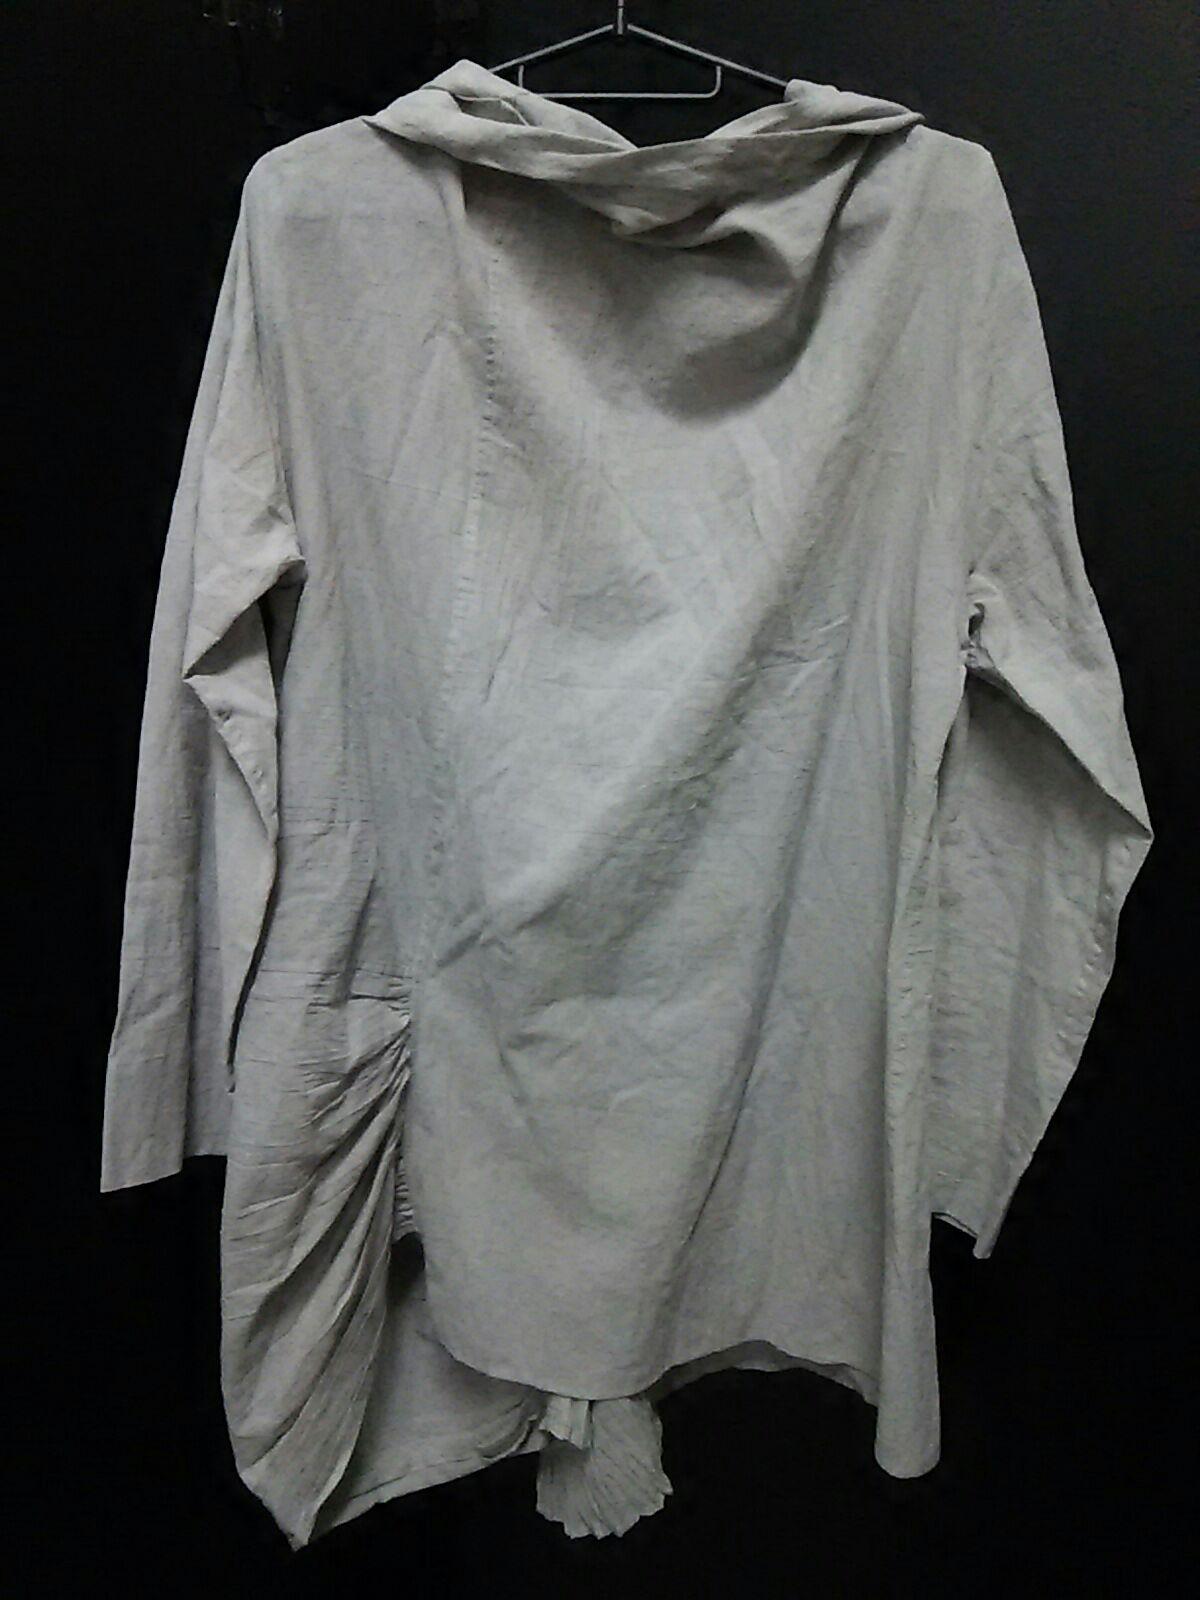 芽風(メフウ/センソユニコ)のシャツブラウス